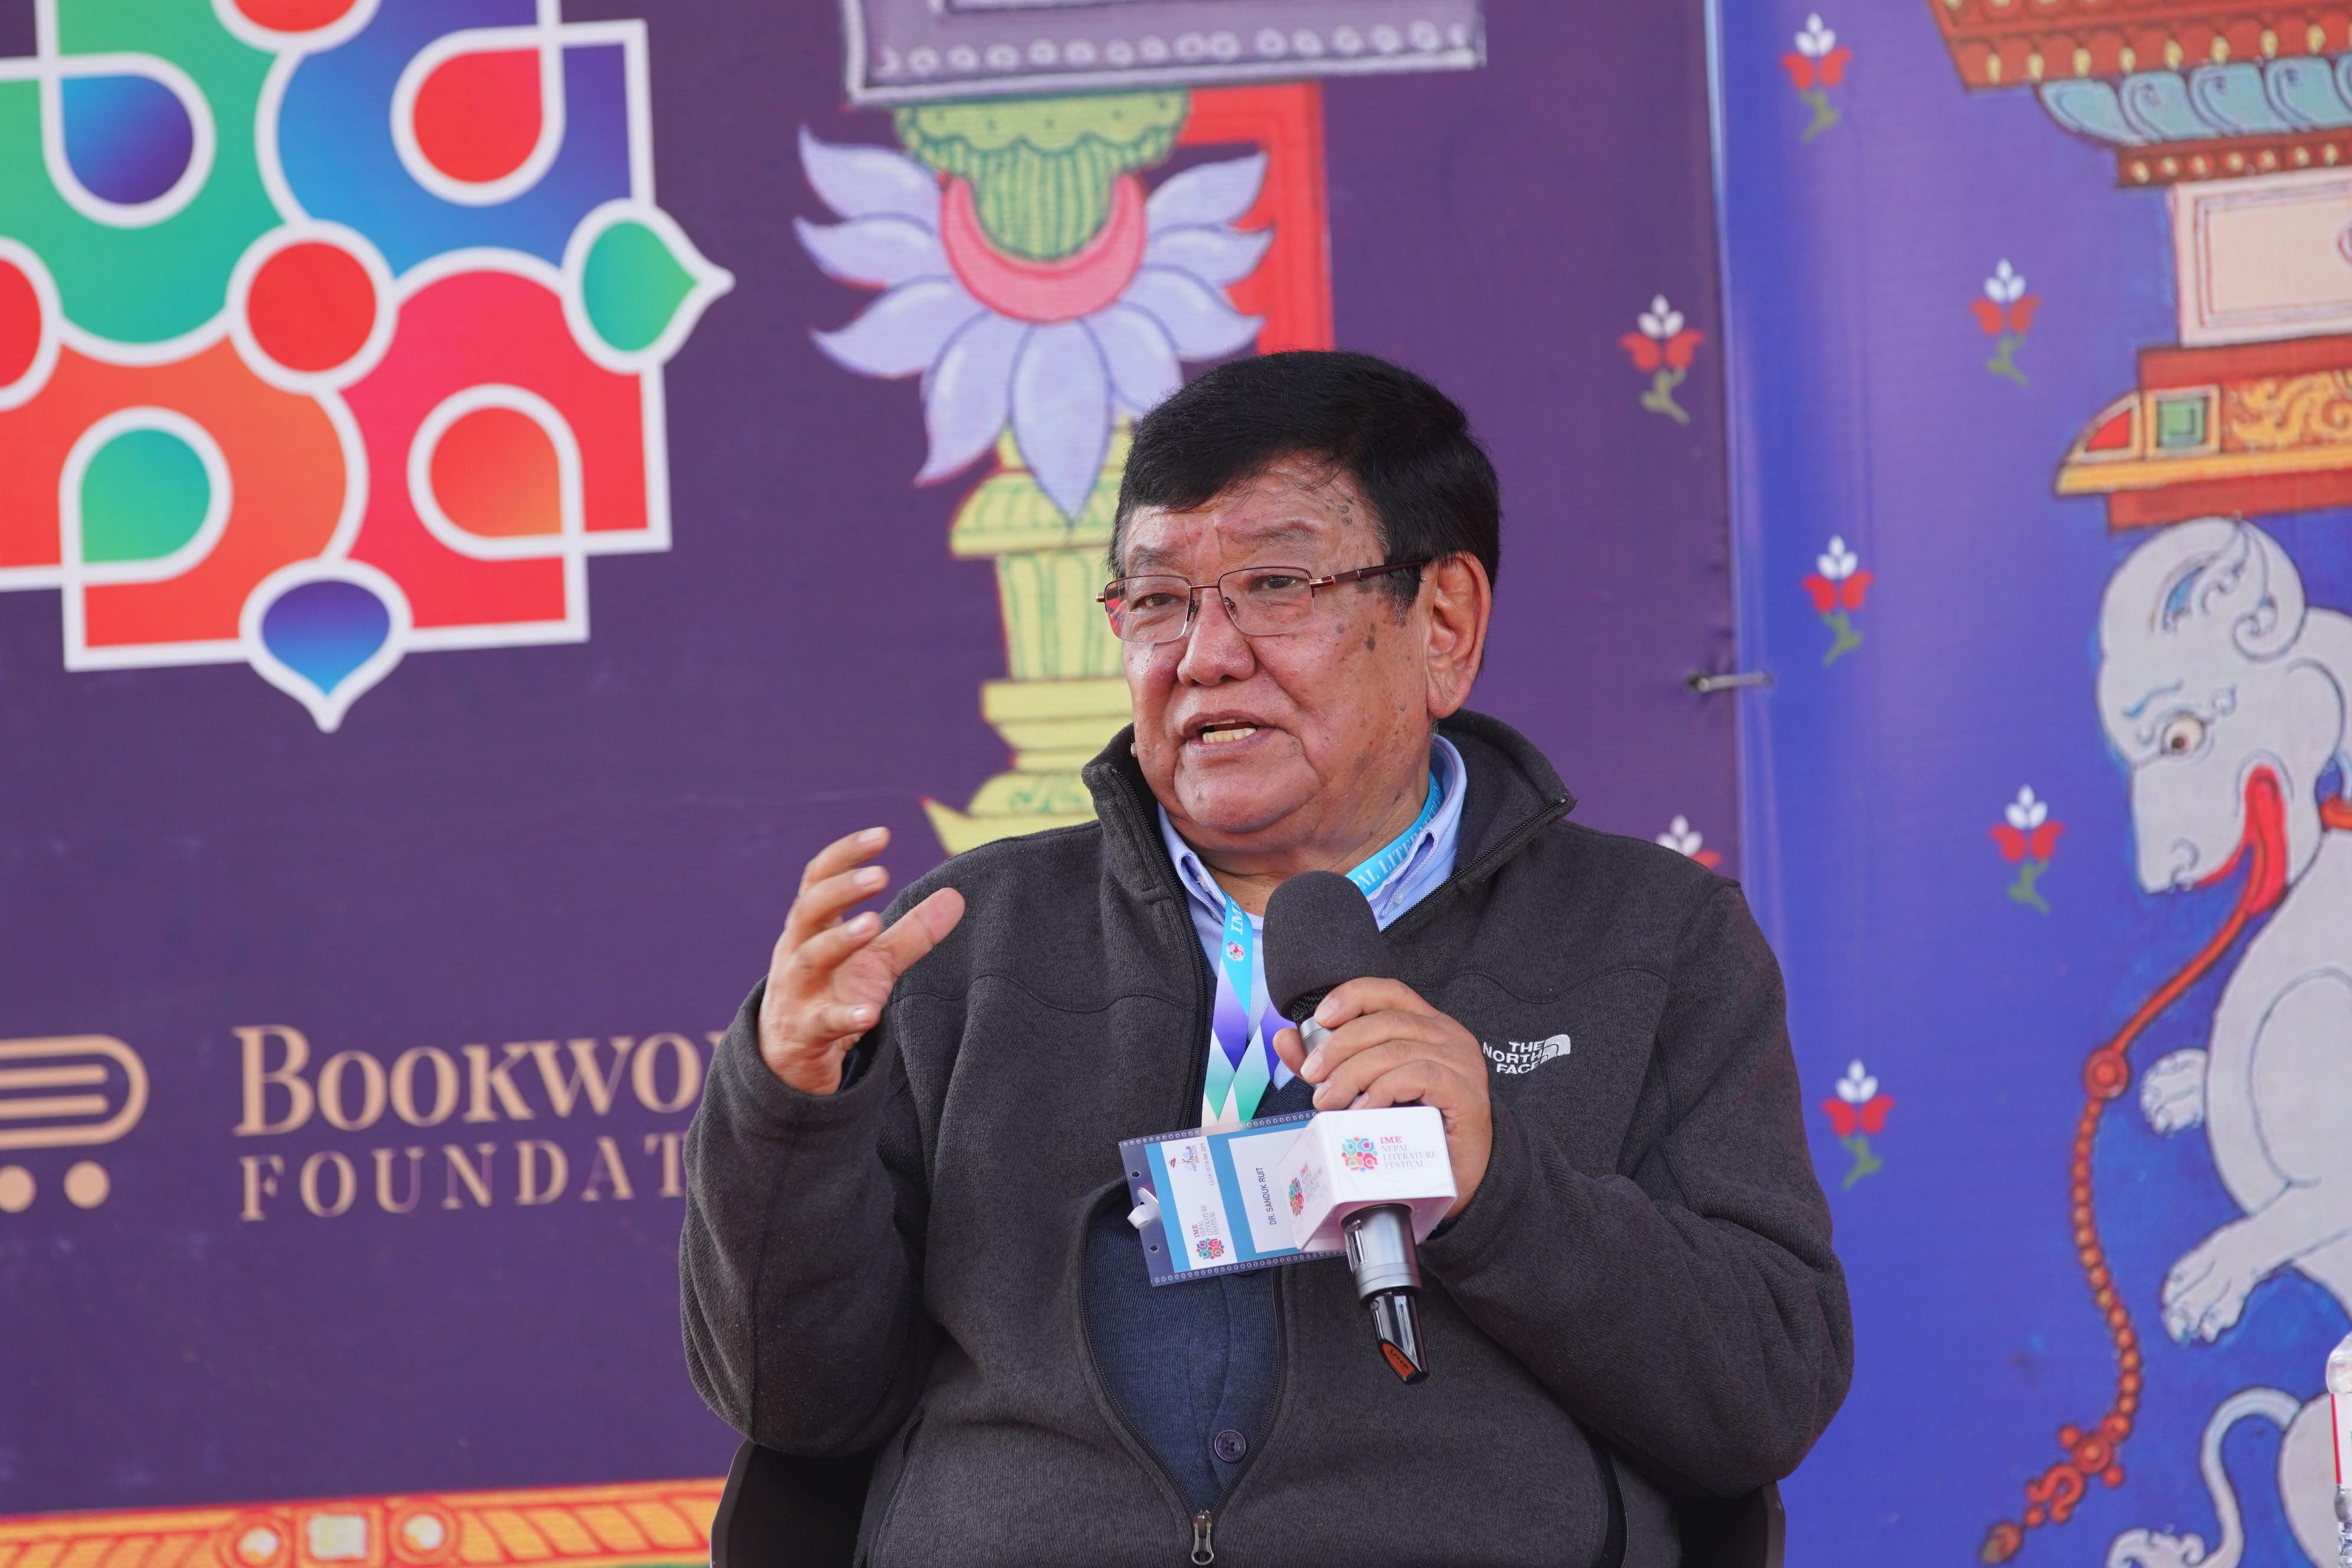 पोखरामा जारी नेपाल साहित्य महोत्सवमा डा. सन्दुक रूइत।